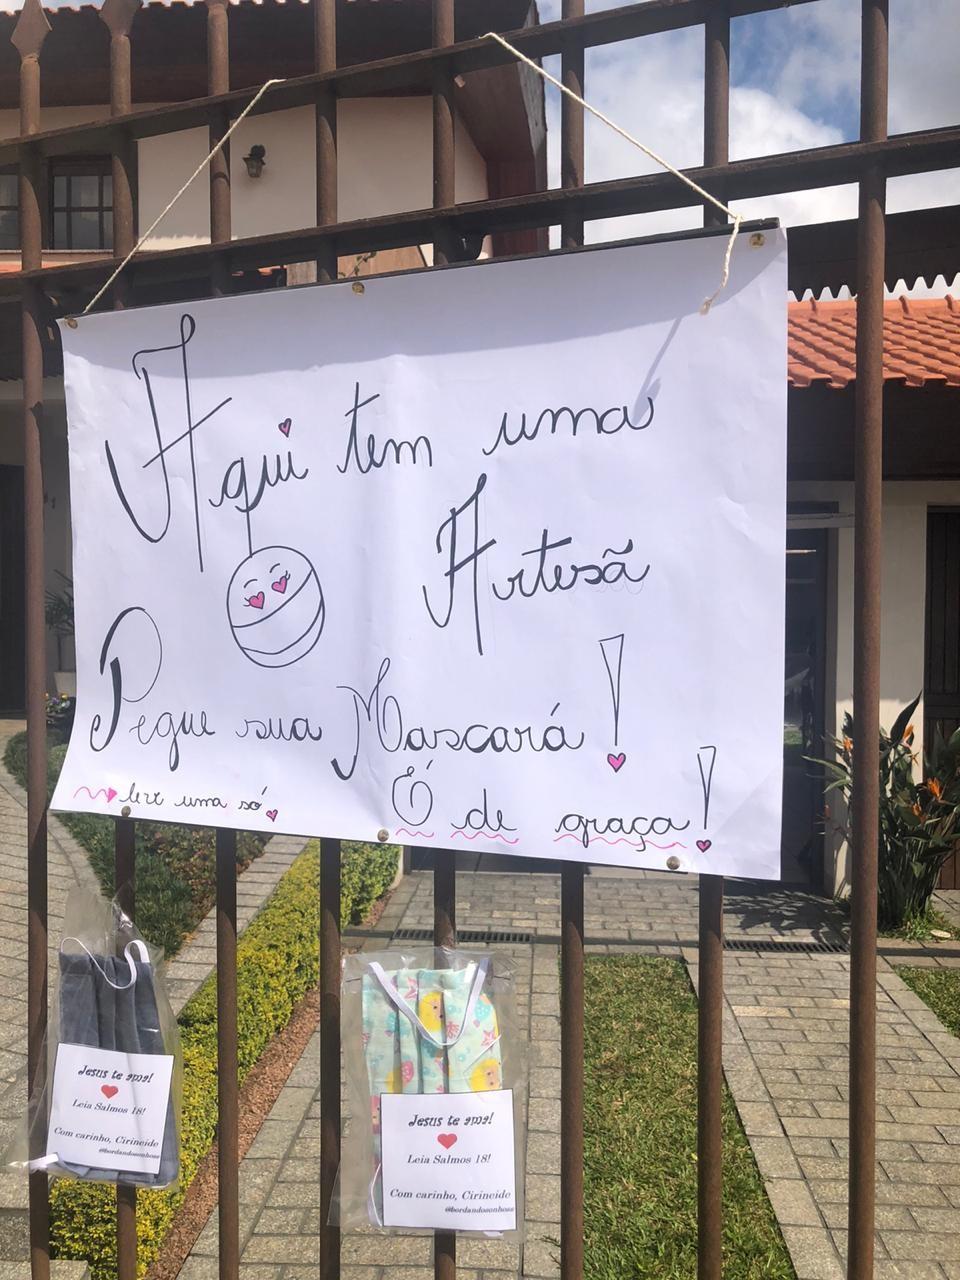 Artesã deixa de colocar máscaras para doação no portão de casa após descobrir que produtos estavam sendo vendidos